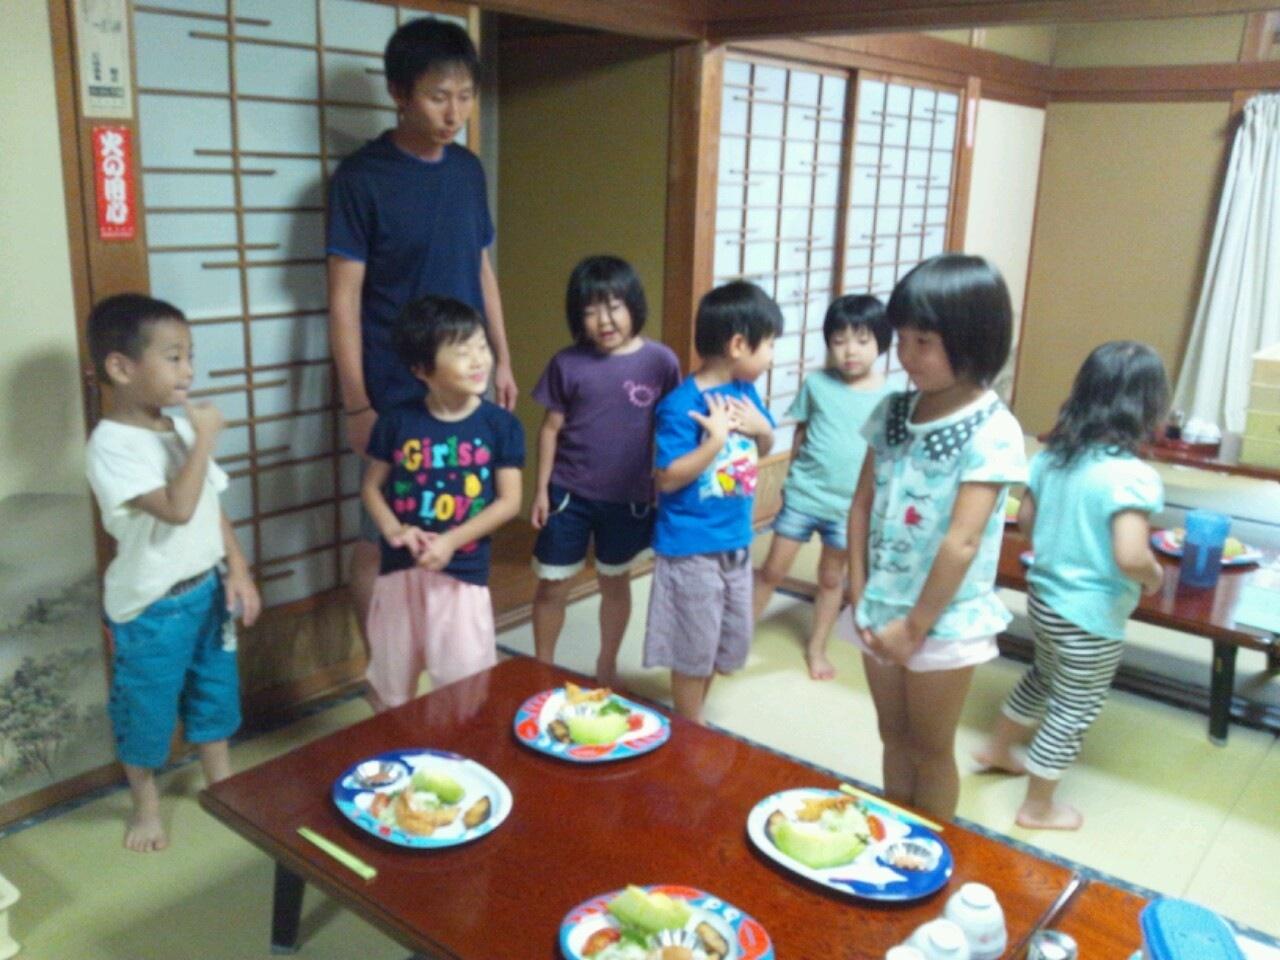 海合宿3 いまから晩御飯です♪_c0151262_19155572.jpg